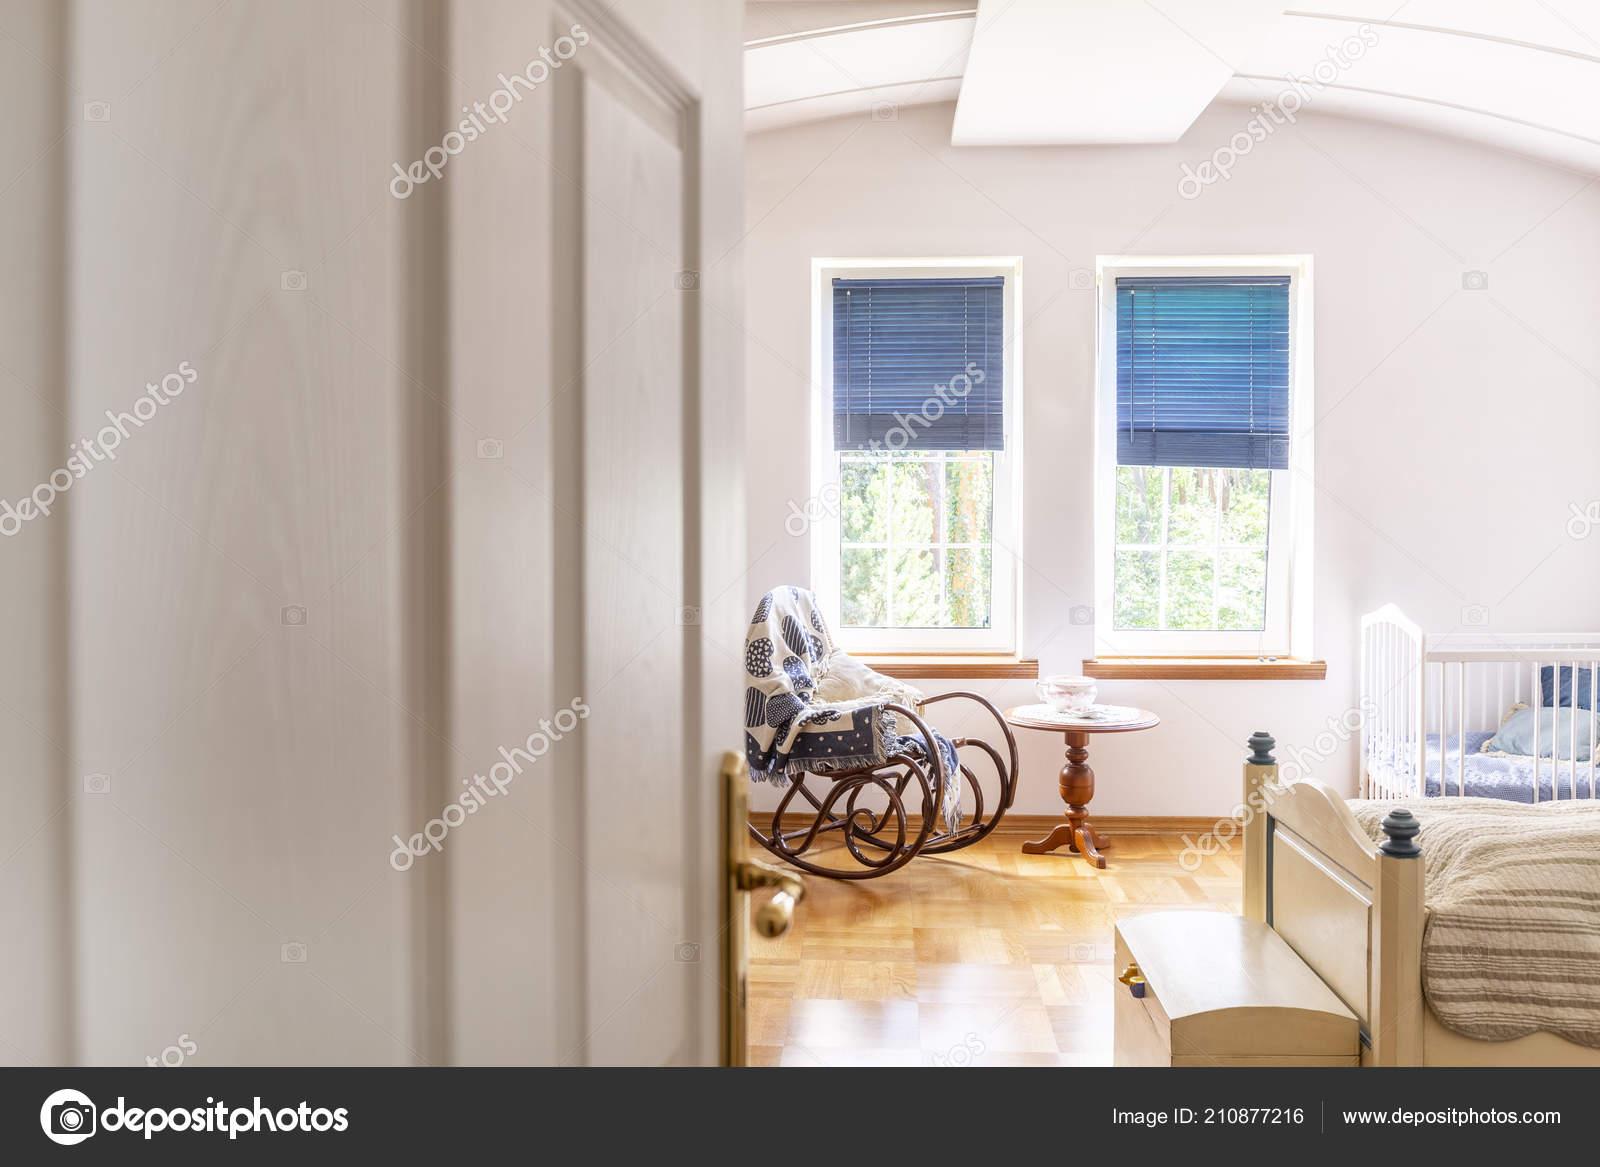 Schommelstoel Aan Plafond.Een Kijkje Door Middel Van Een Half Open Deur Een